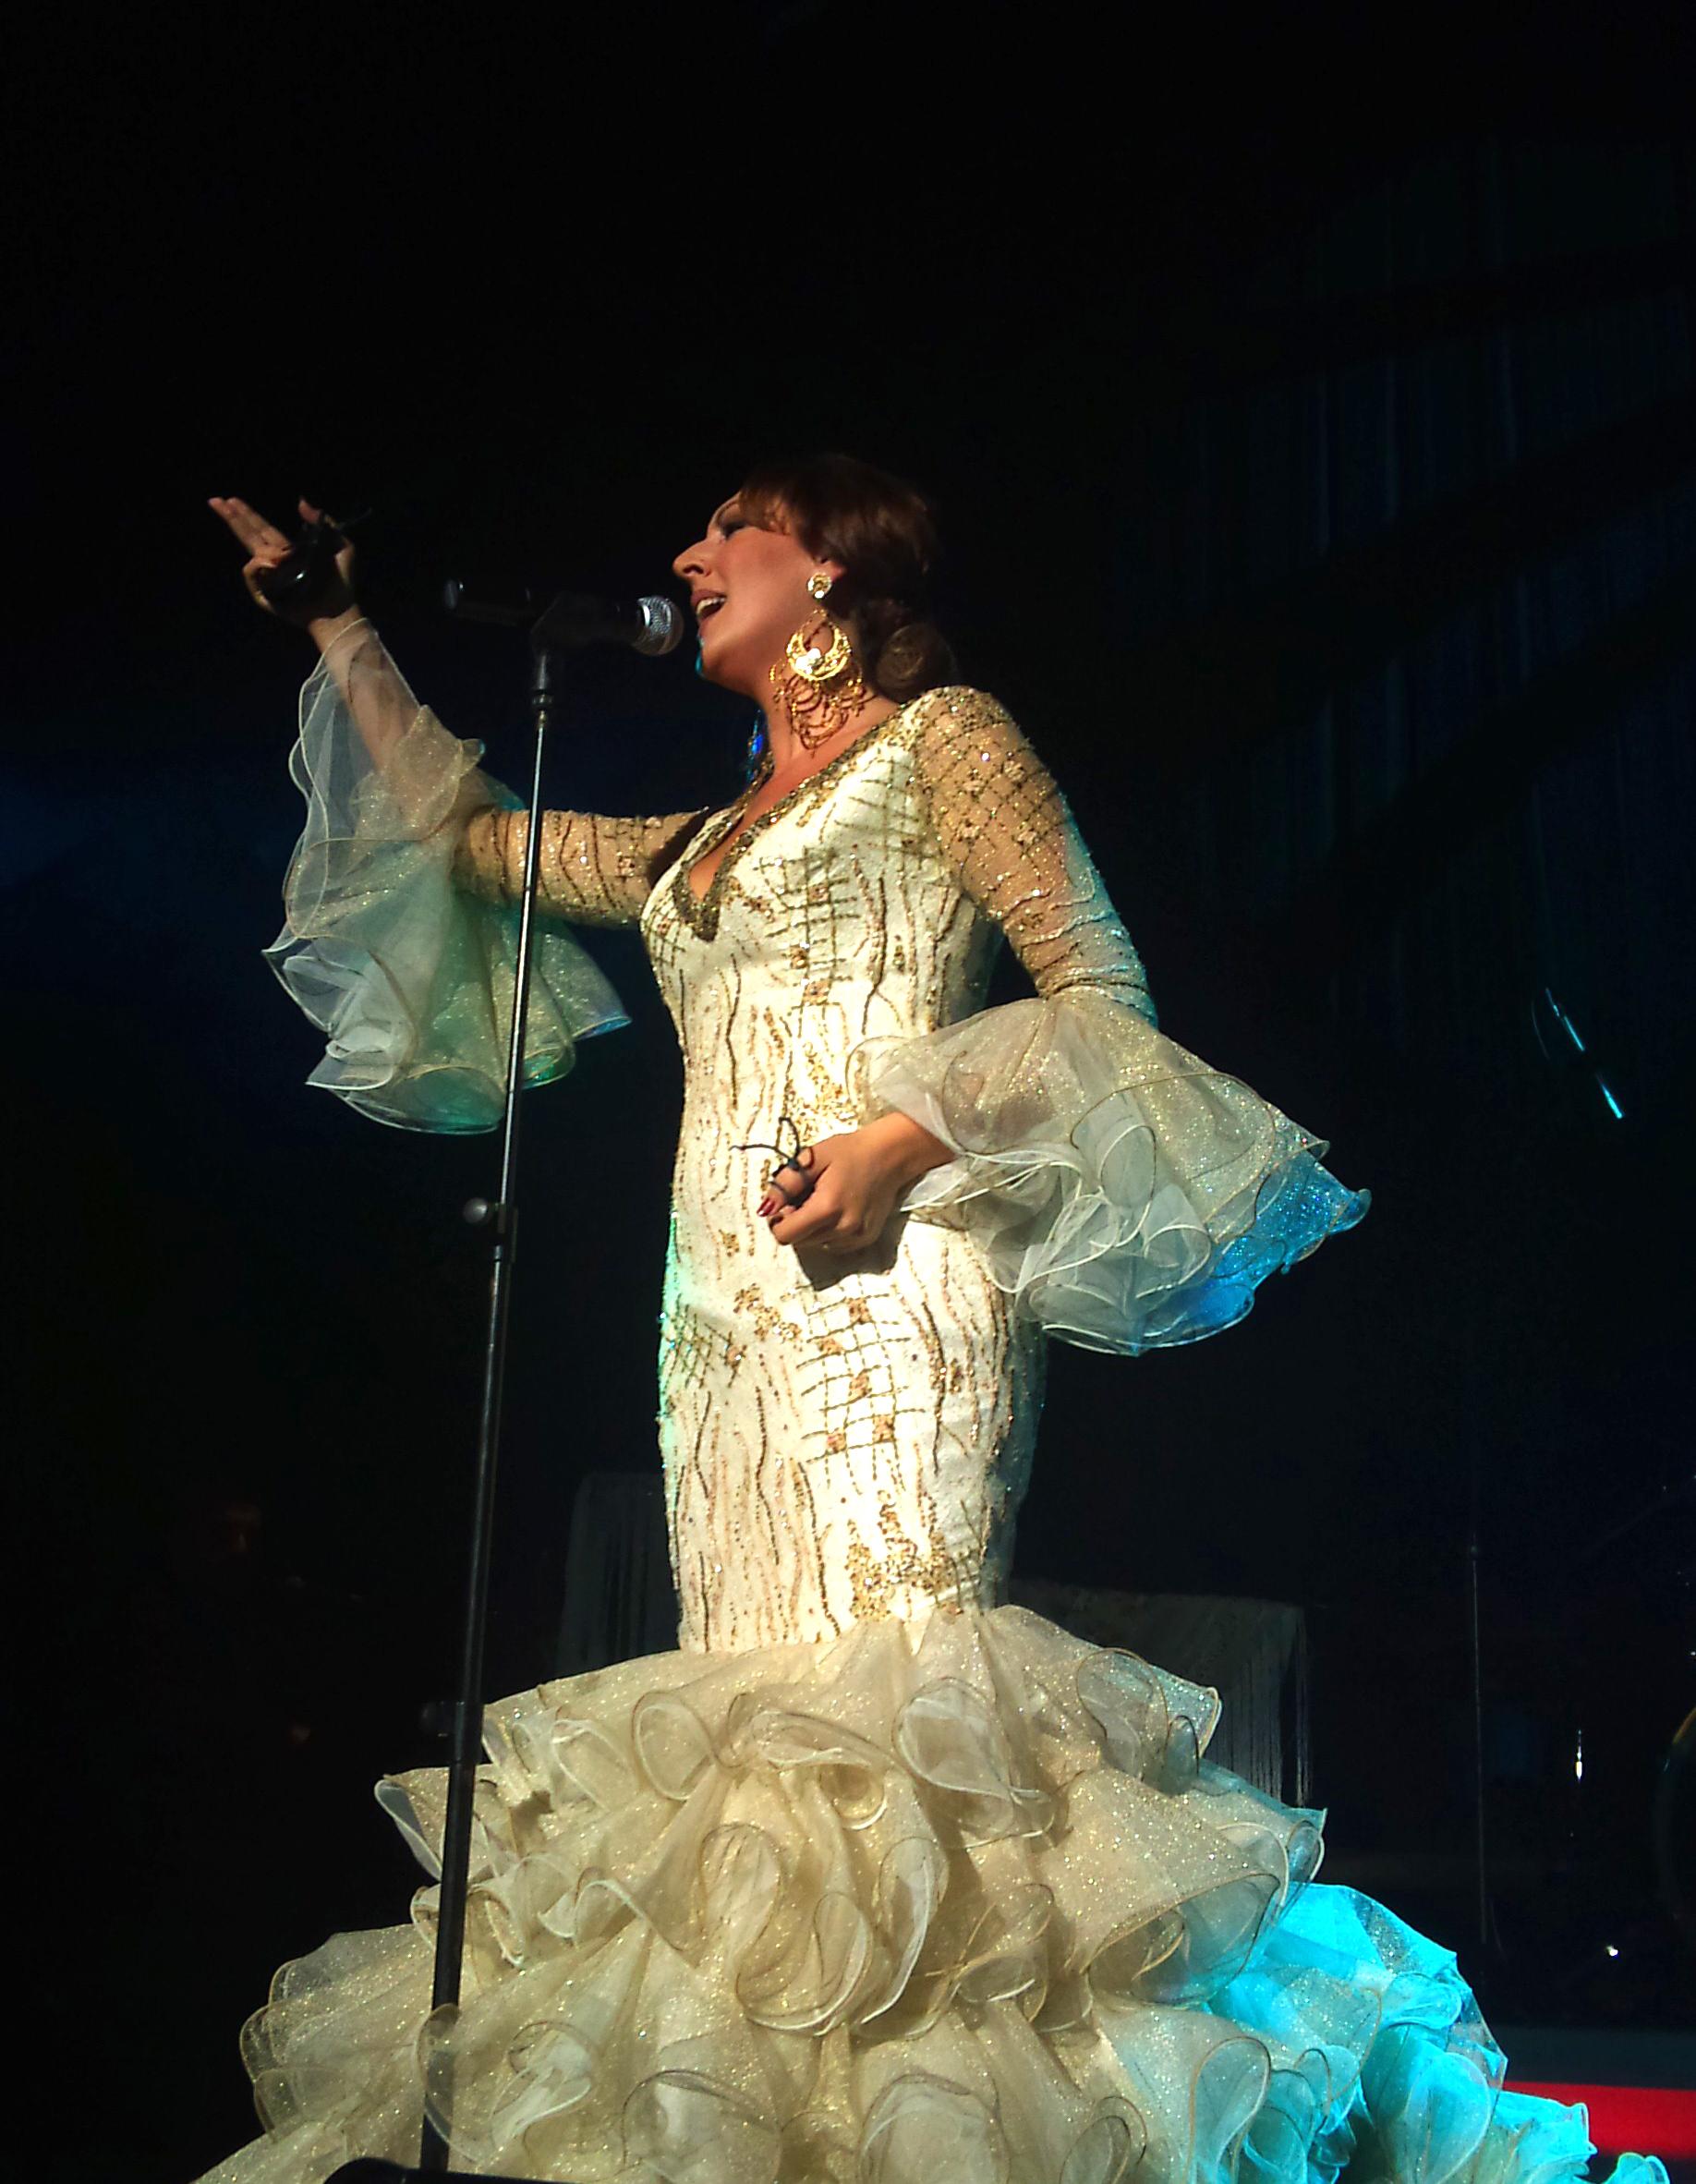 Sandra Cabrera en Sala Joaquin Turina (Sevilla).